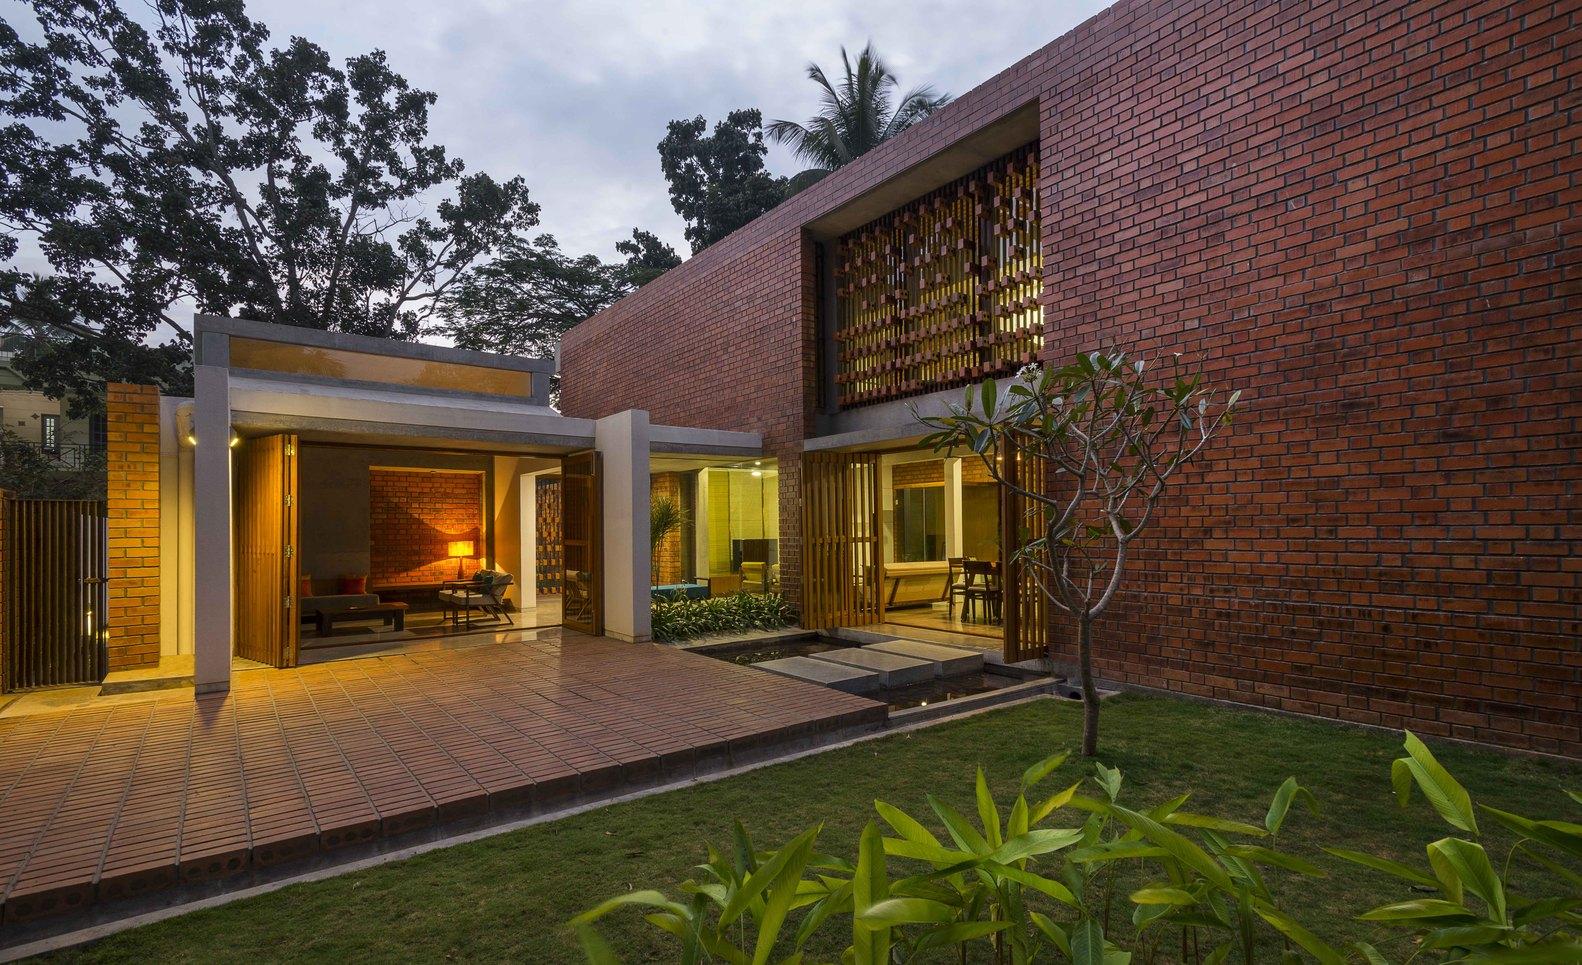 Brick House – Ngôi nhà gạch điều hòa không khí oi bức của vùng đất nhiệt đới